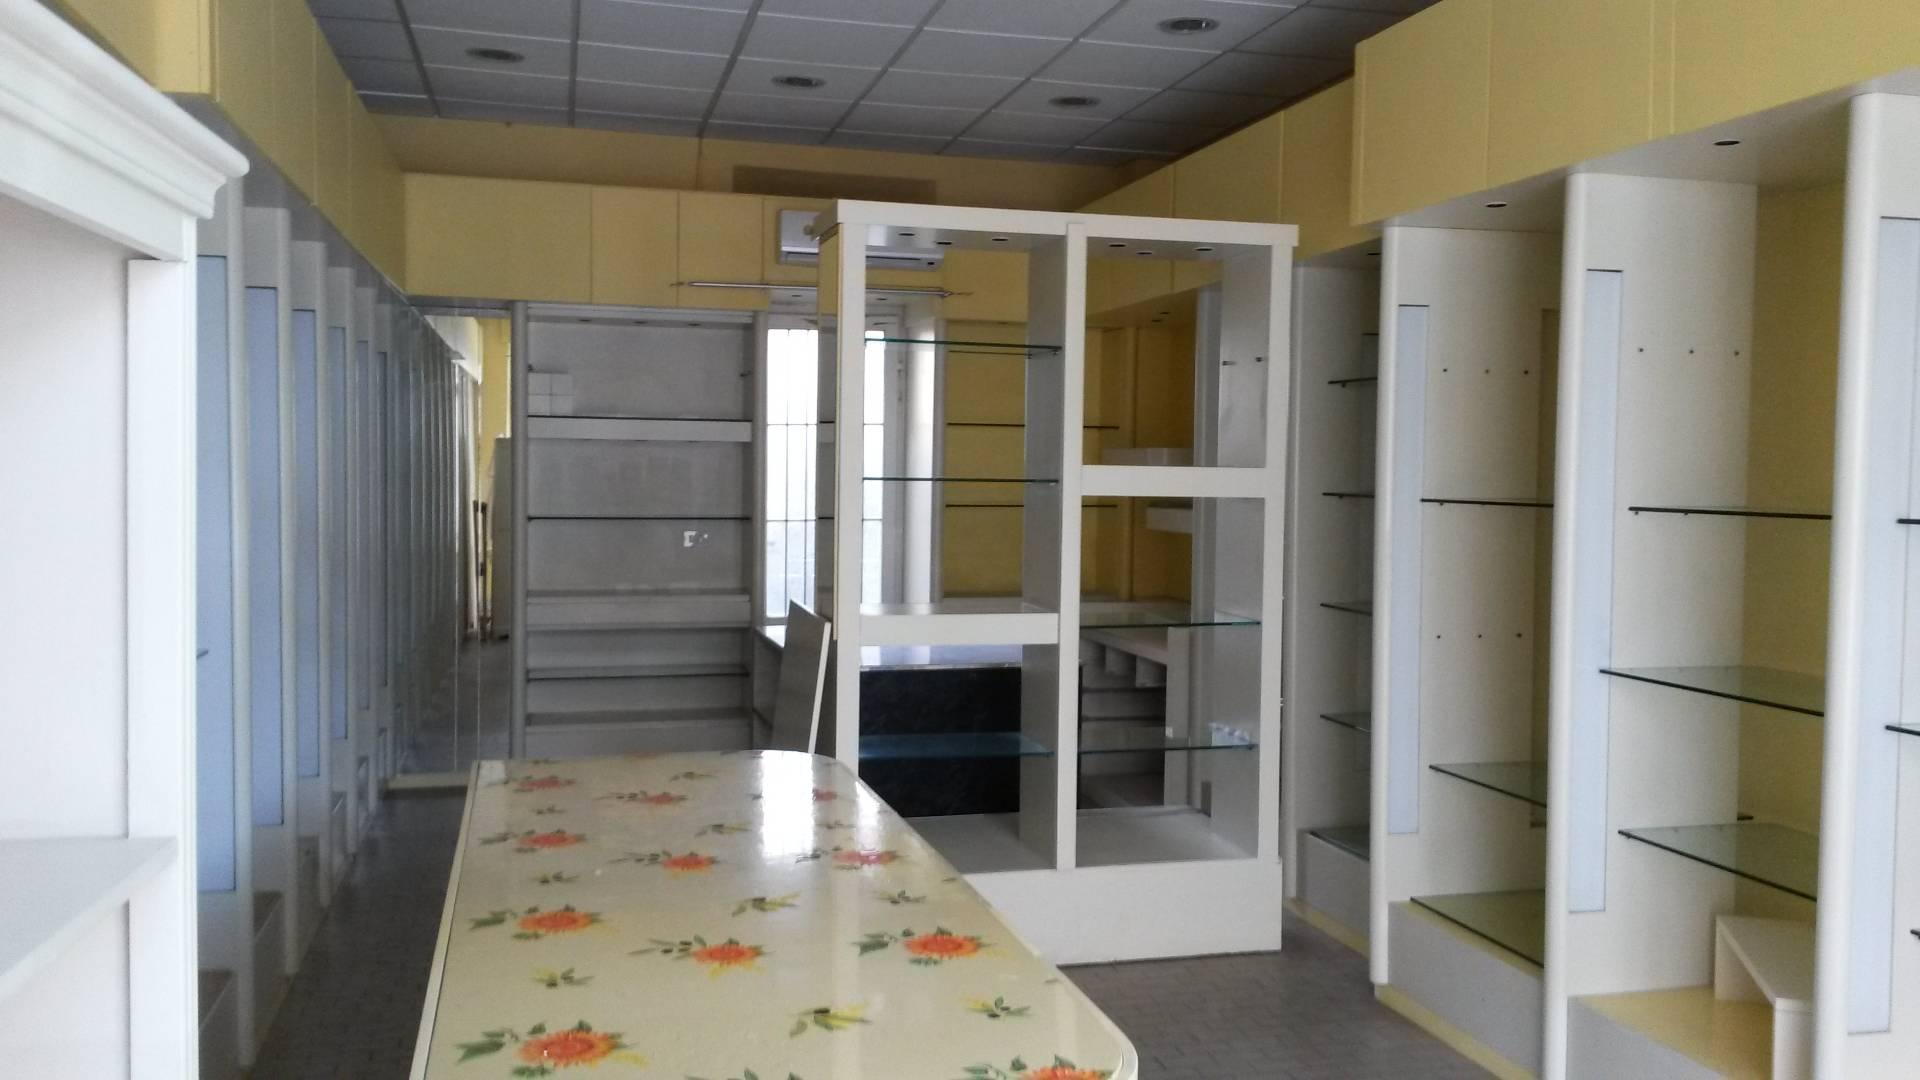 Attività / Licenza in affitto a Montecatini-Terme, 9999 locali, prezzo € 650 | Cambio Casa.it